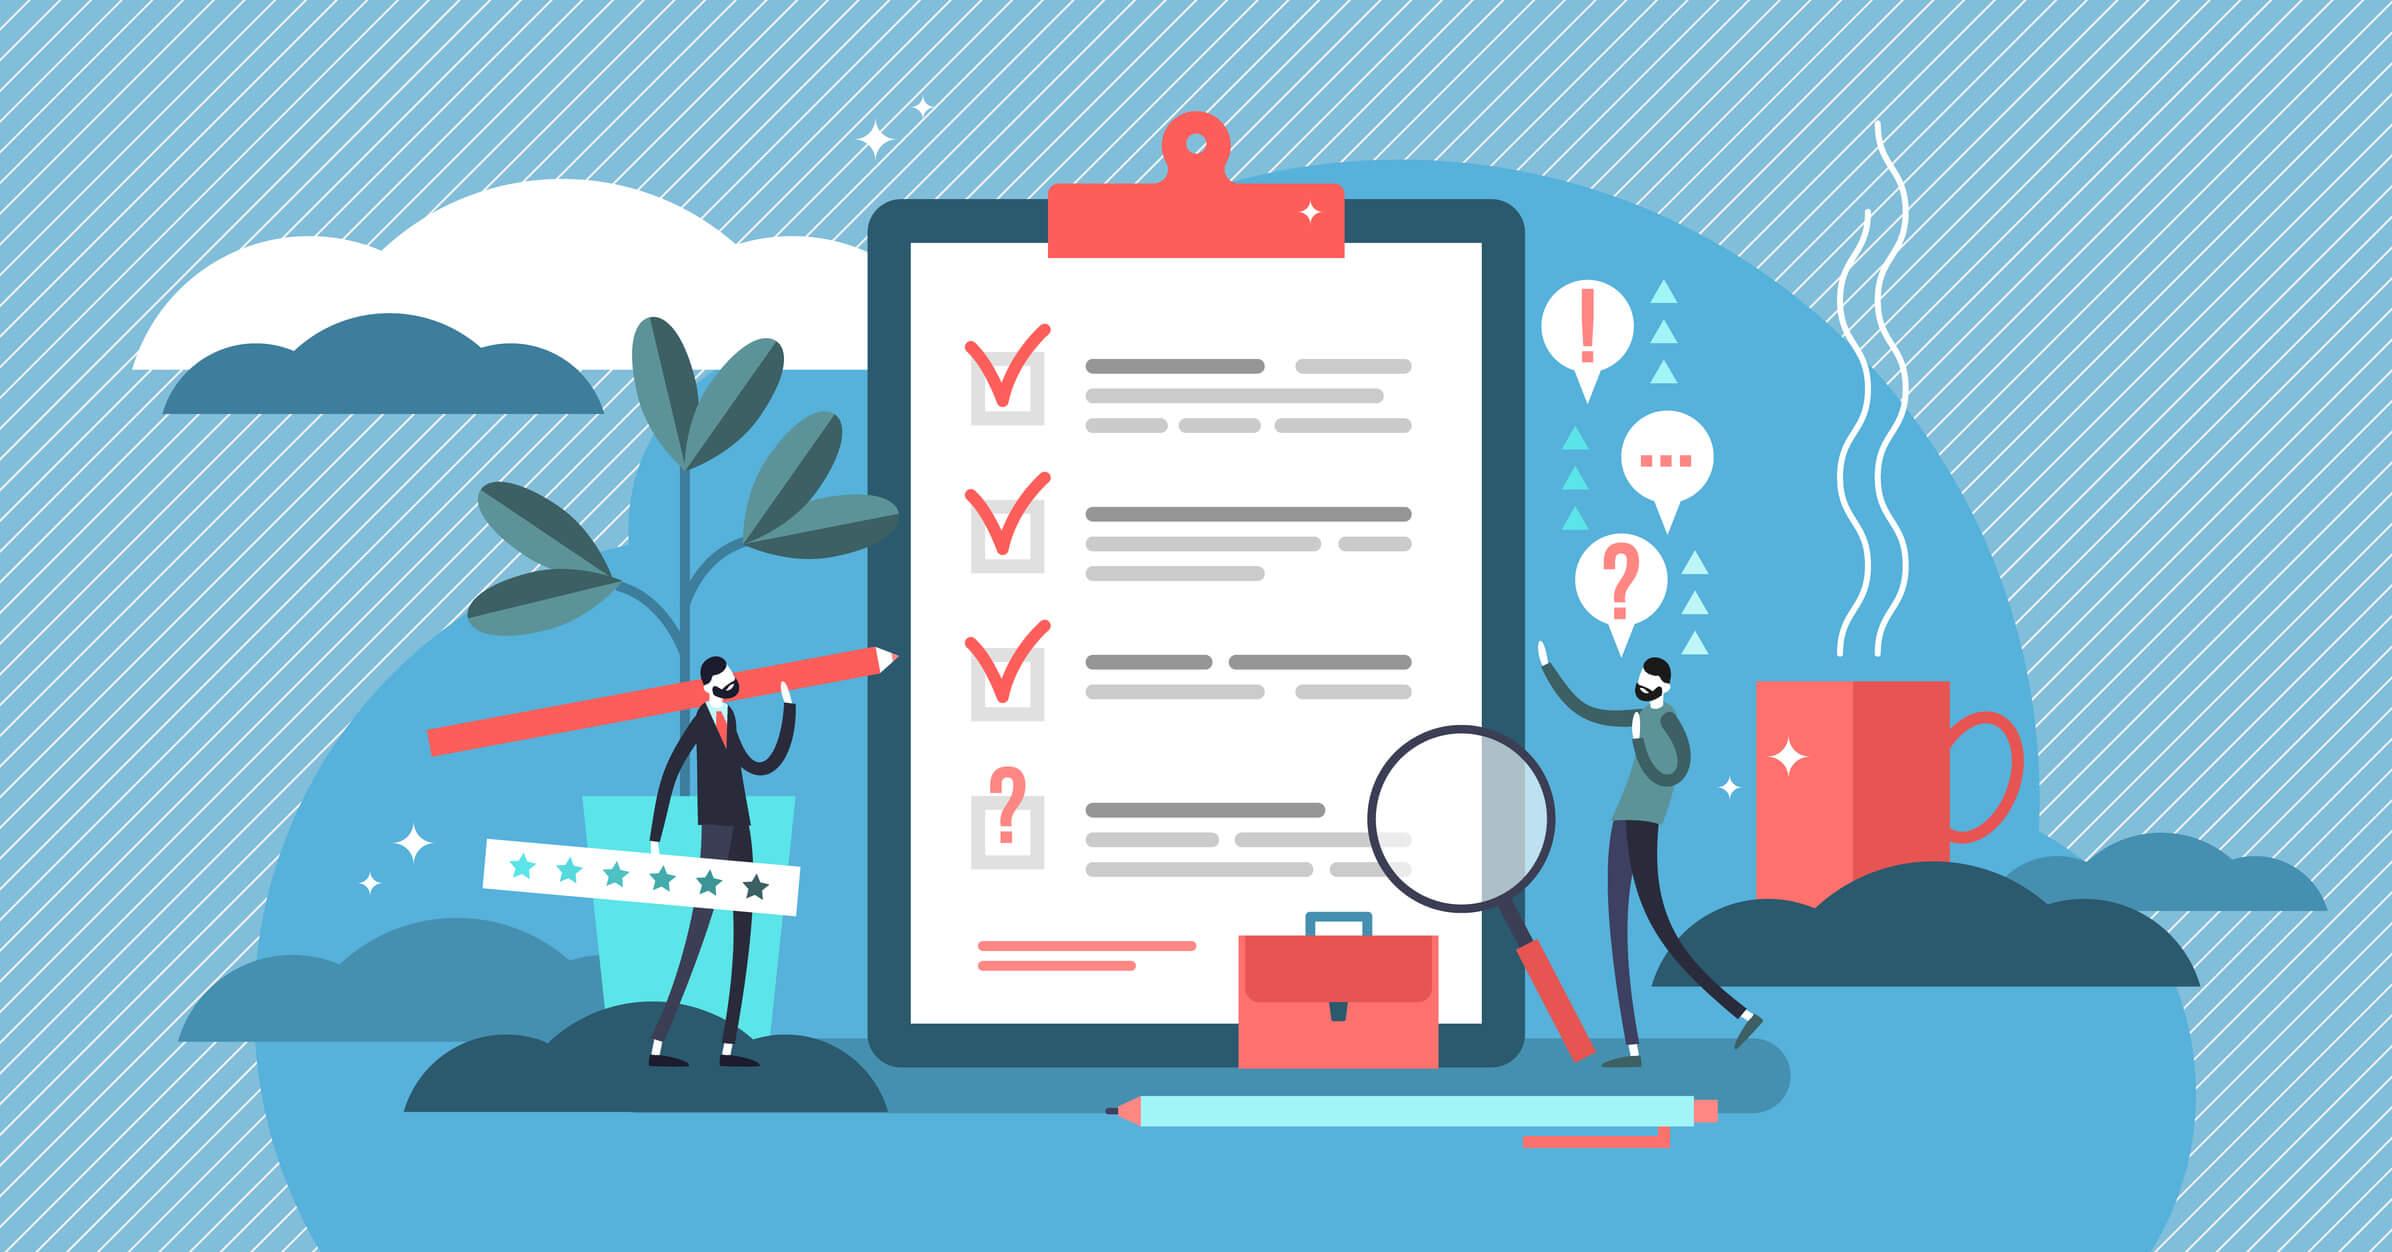 ¿Qué debe ofrecer un checklist de calidad a cualquier industria? ¡En este artículo te lo explicaremos!